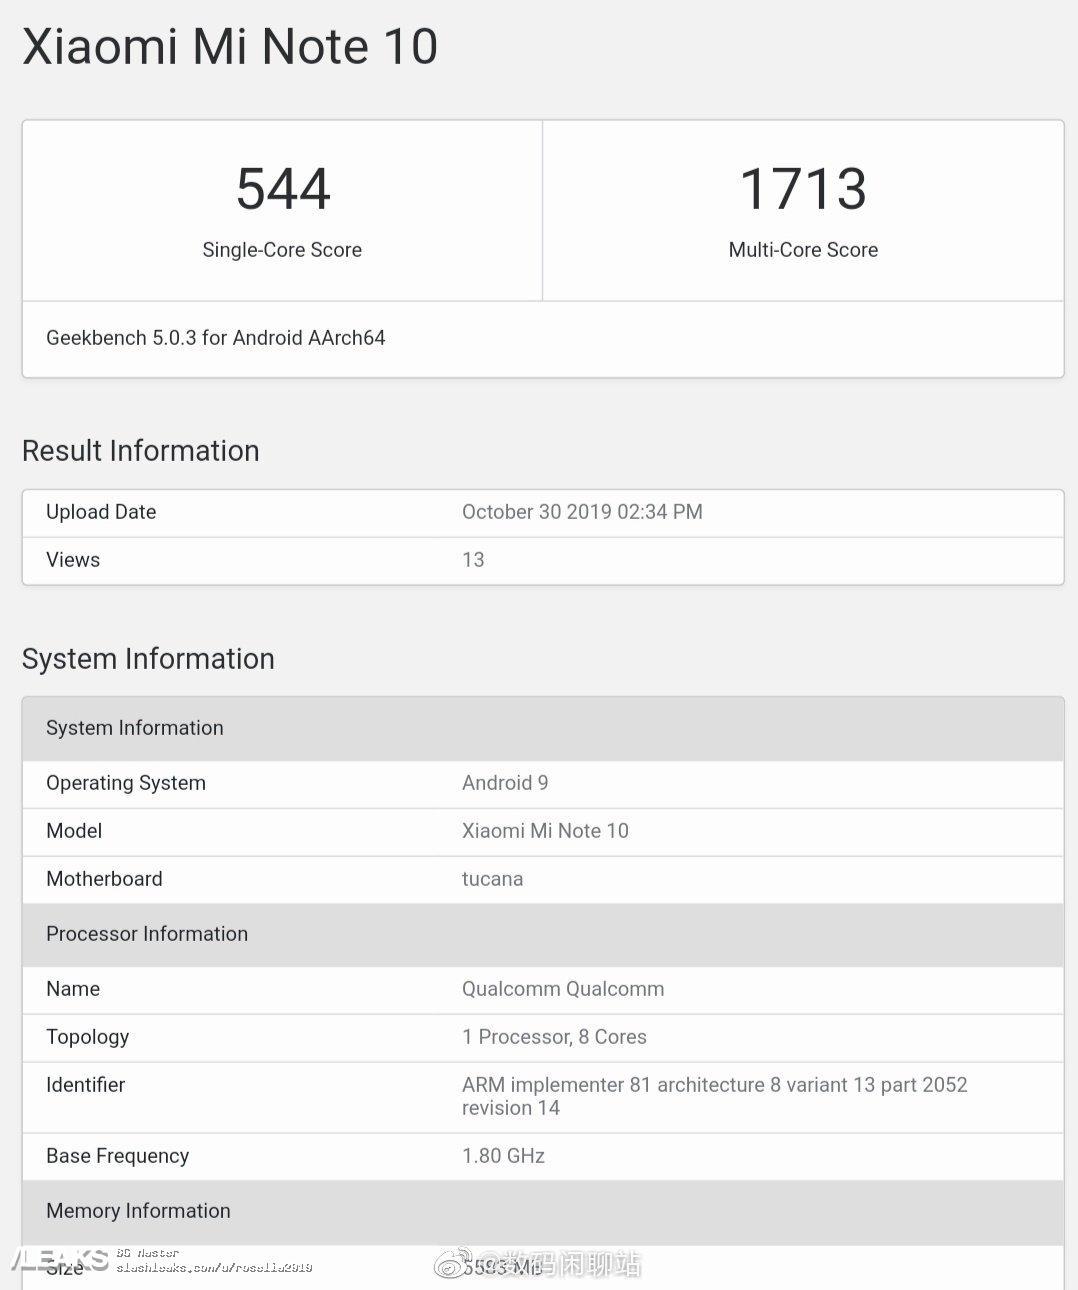 img Xiaomi Mi Note 10 Geekbench Runmark Leaks